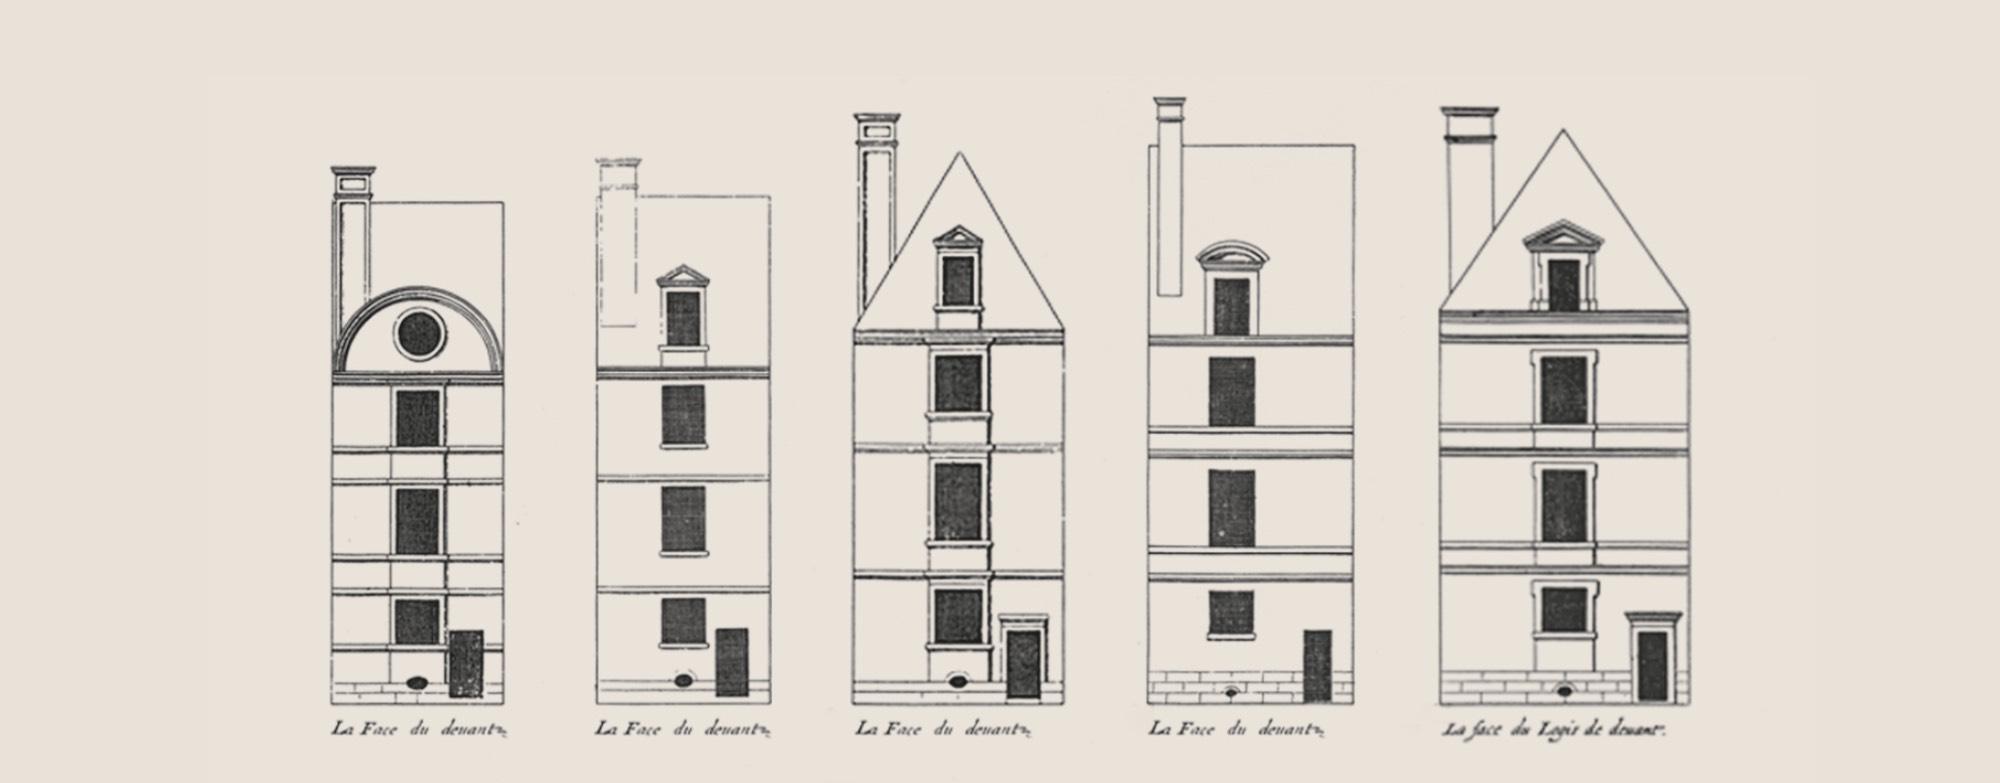 Η λογική δομή της αρχιτεκτονικής. Giorgio Grassi